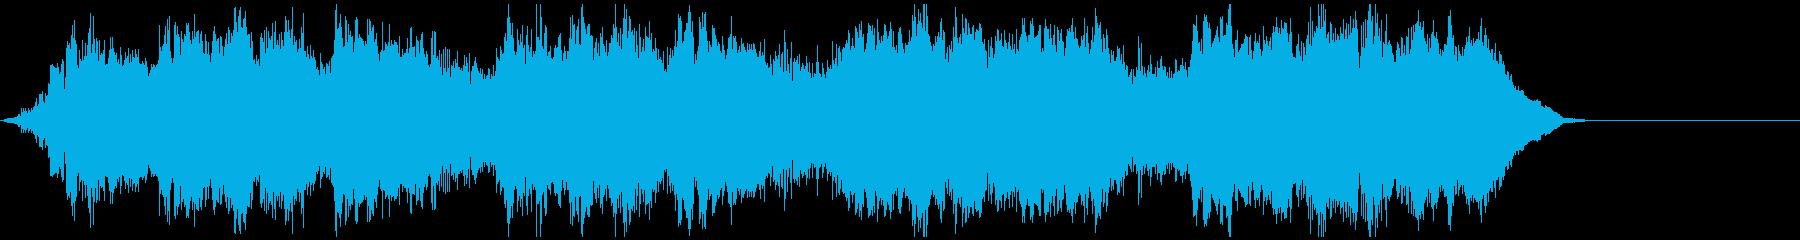 長めのファンファーレですの再生済みの波形